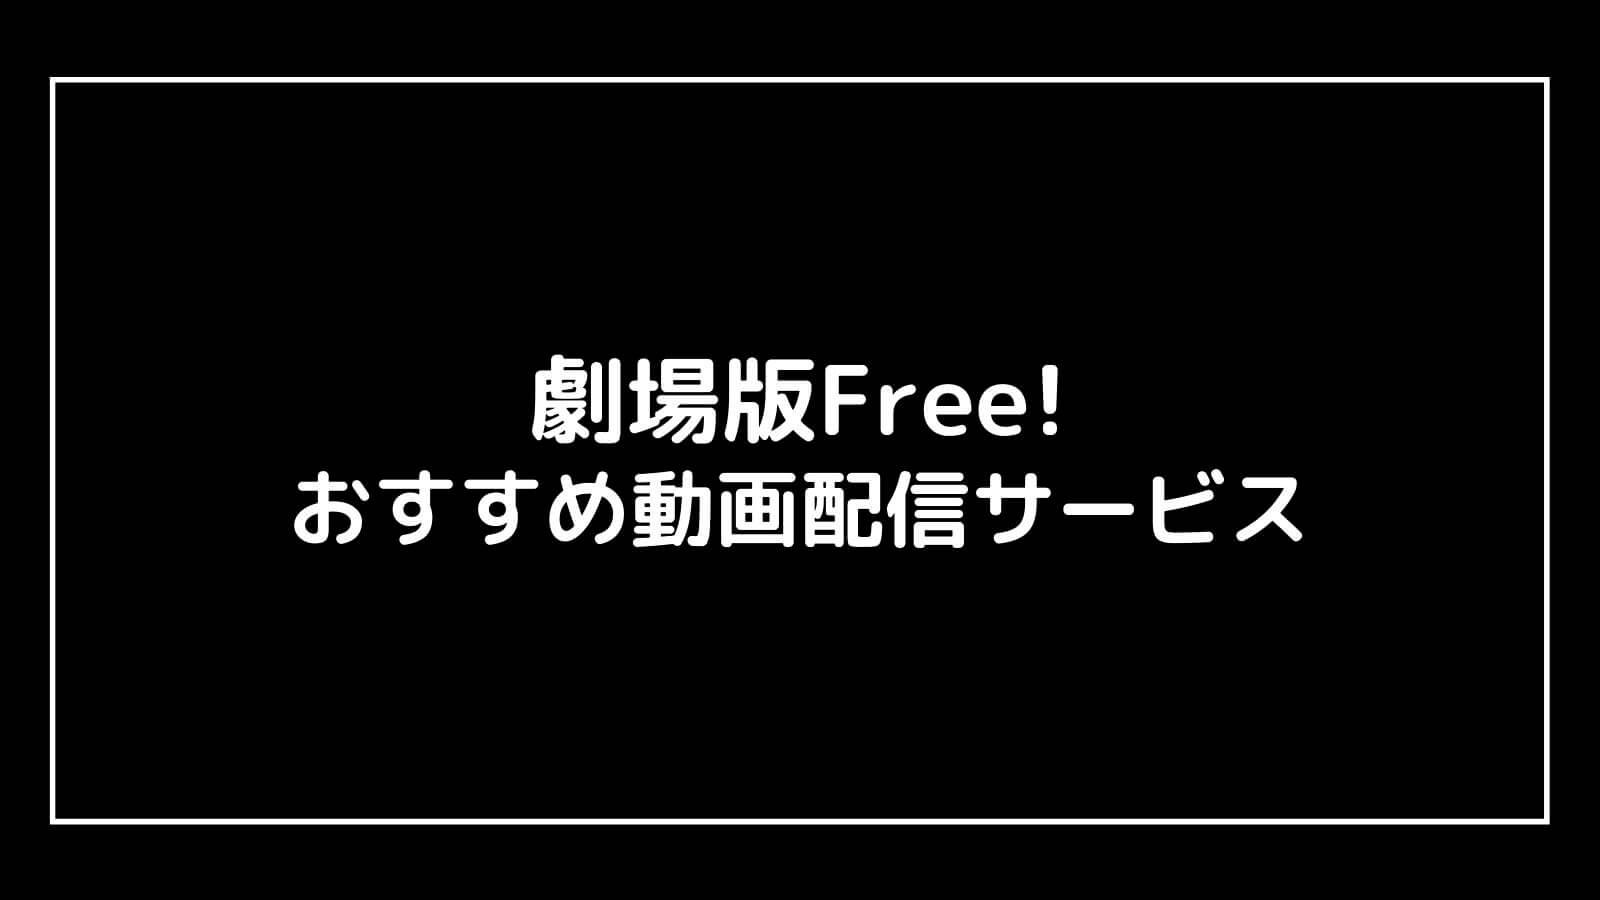 映画『劇場版Free!』の無料配信を視聴できるおすすめ動画サイト【テレビアニメも無料】